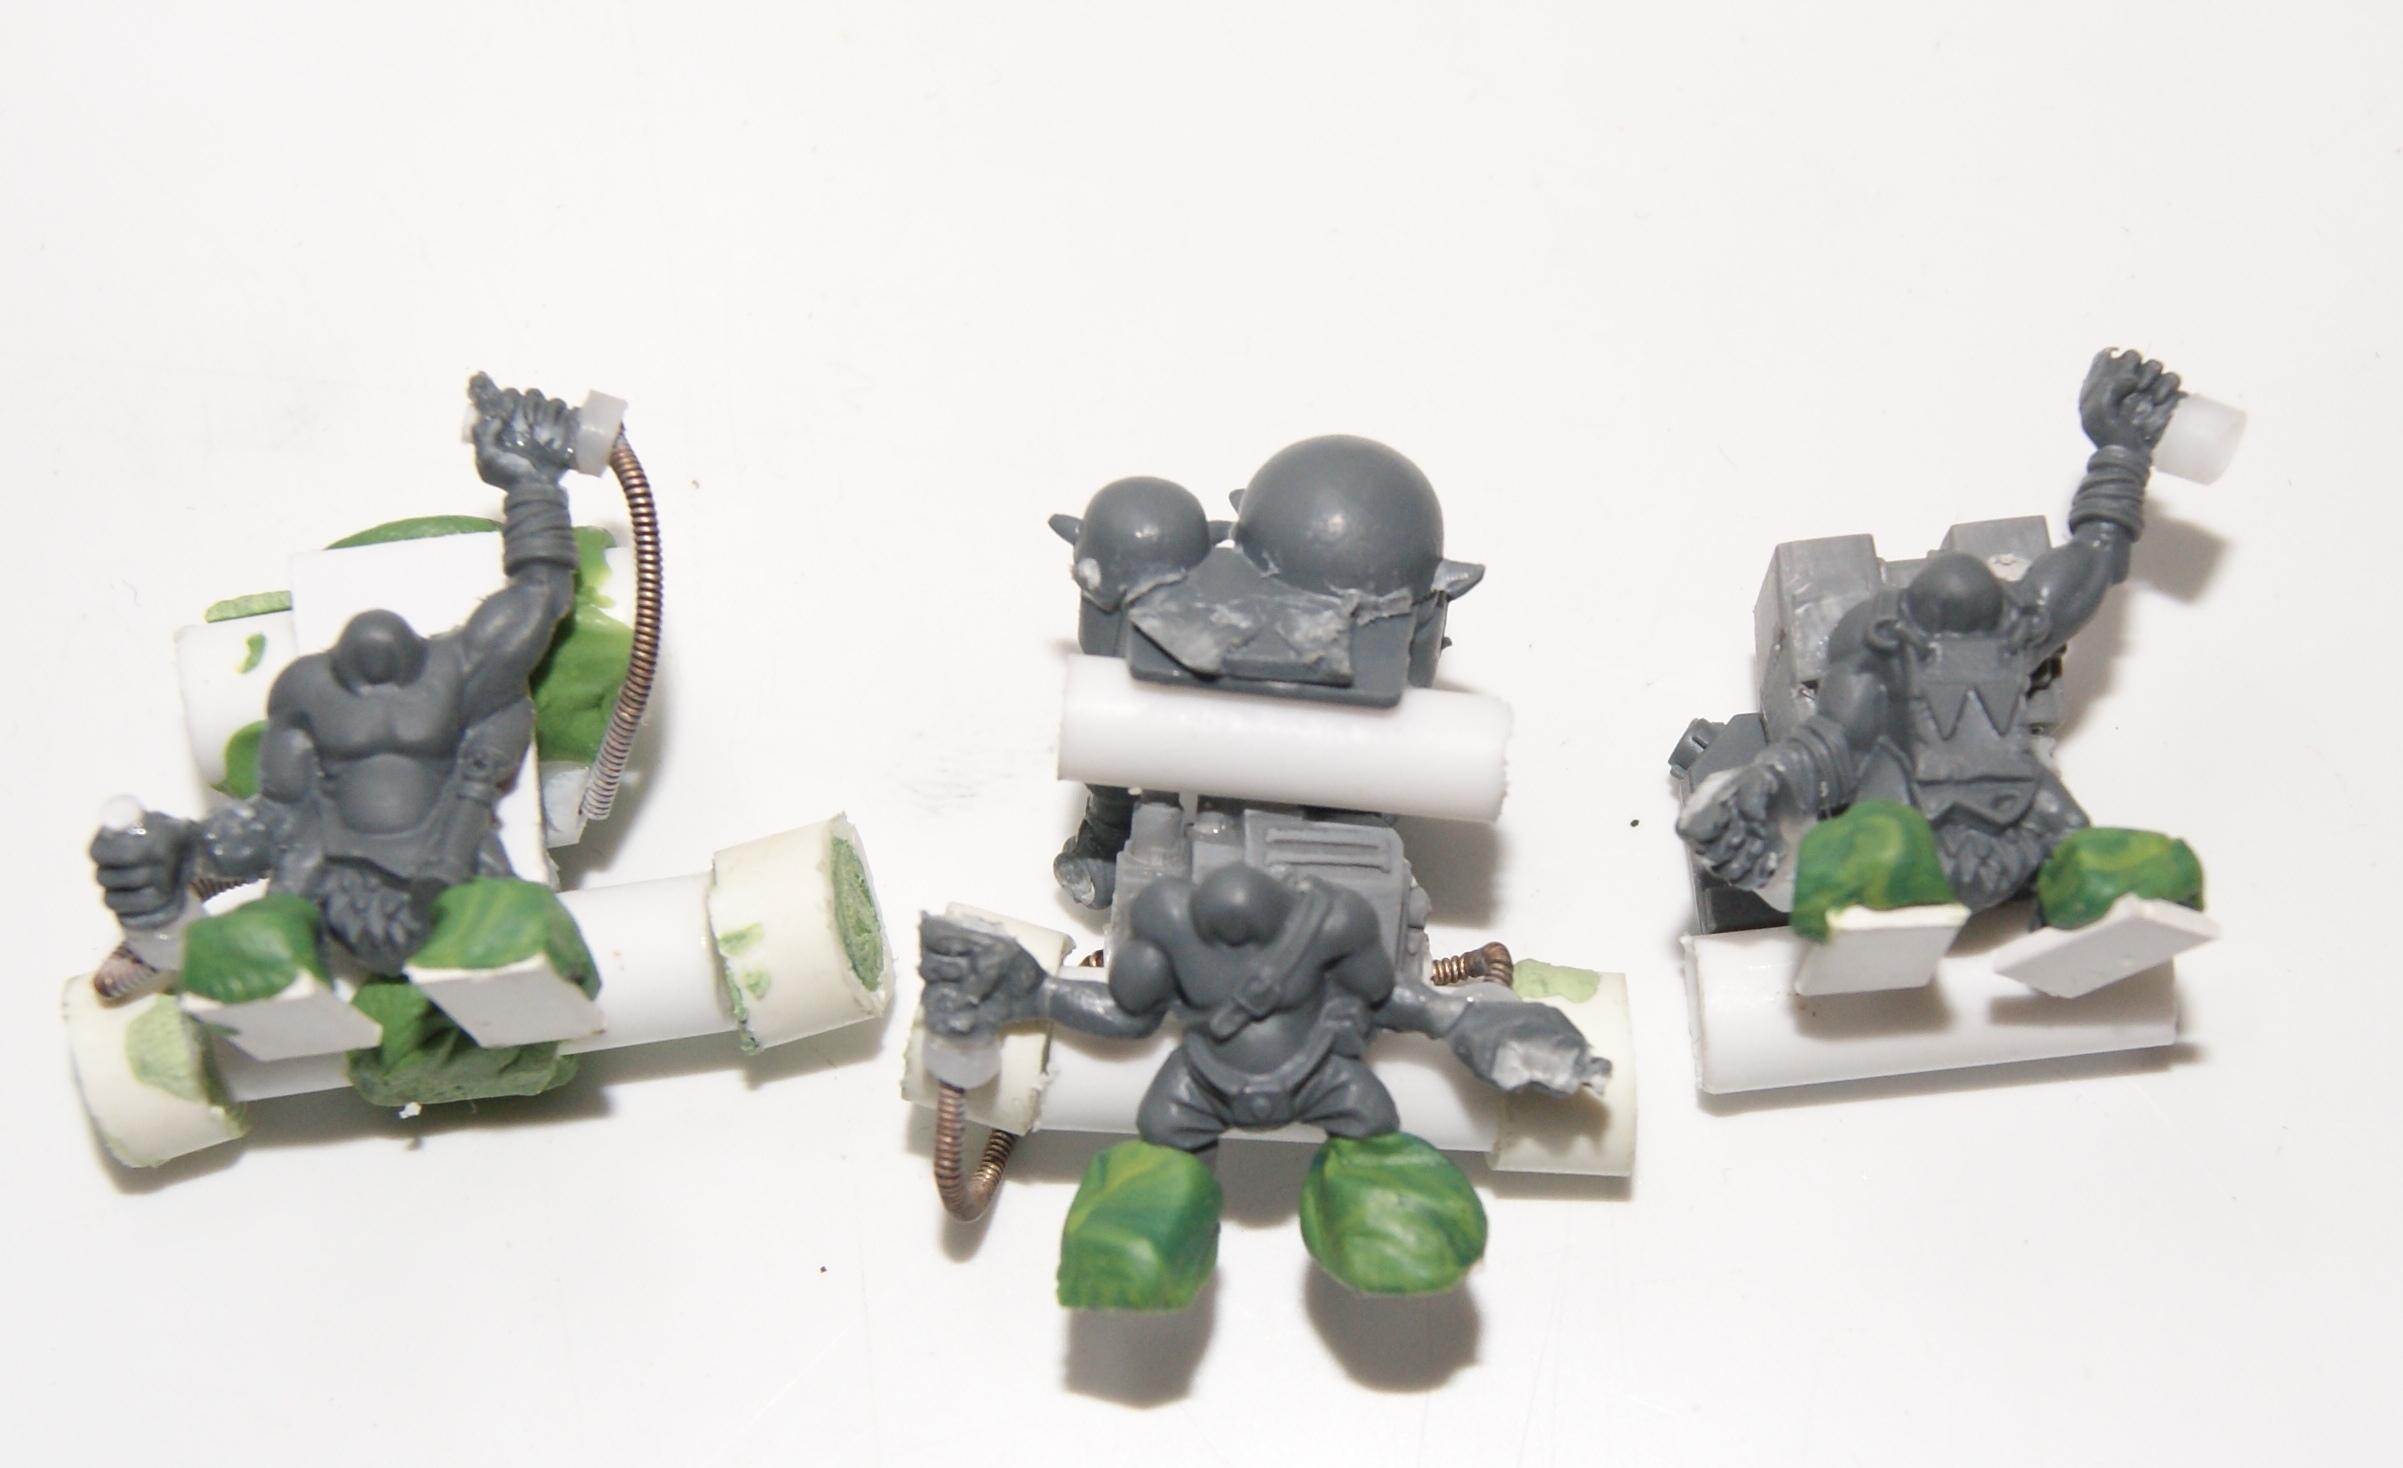 Burnagrot, Conversion, Grot Rebellion, Grot Rebels, Grots, Warhammer 40,000, Work In Progress